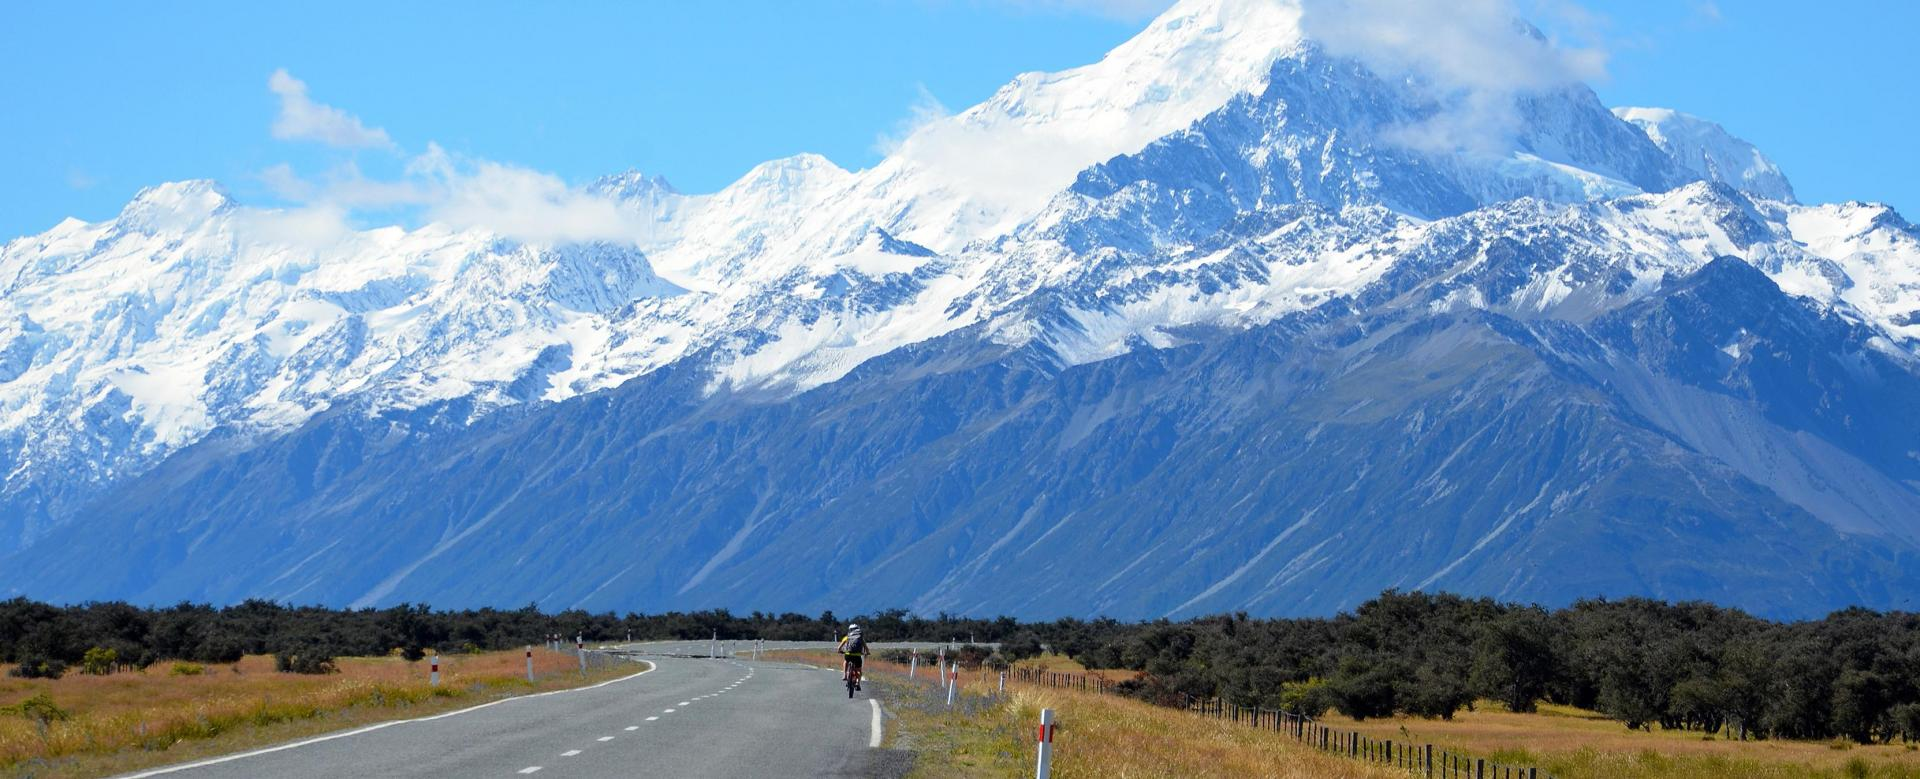 Voyage en véhicule : Vélo et rando en nouvelle-zélande